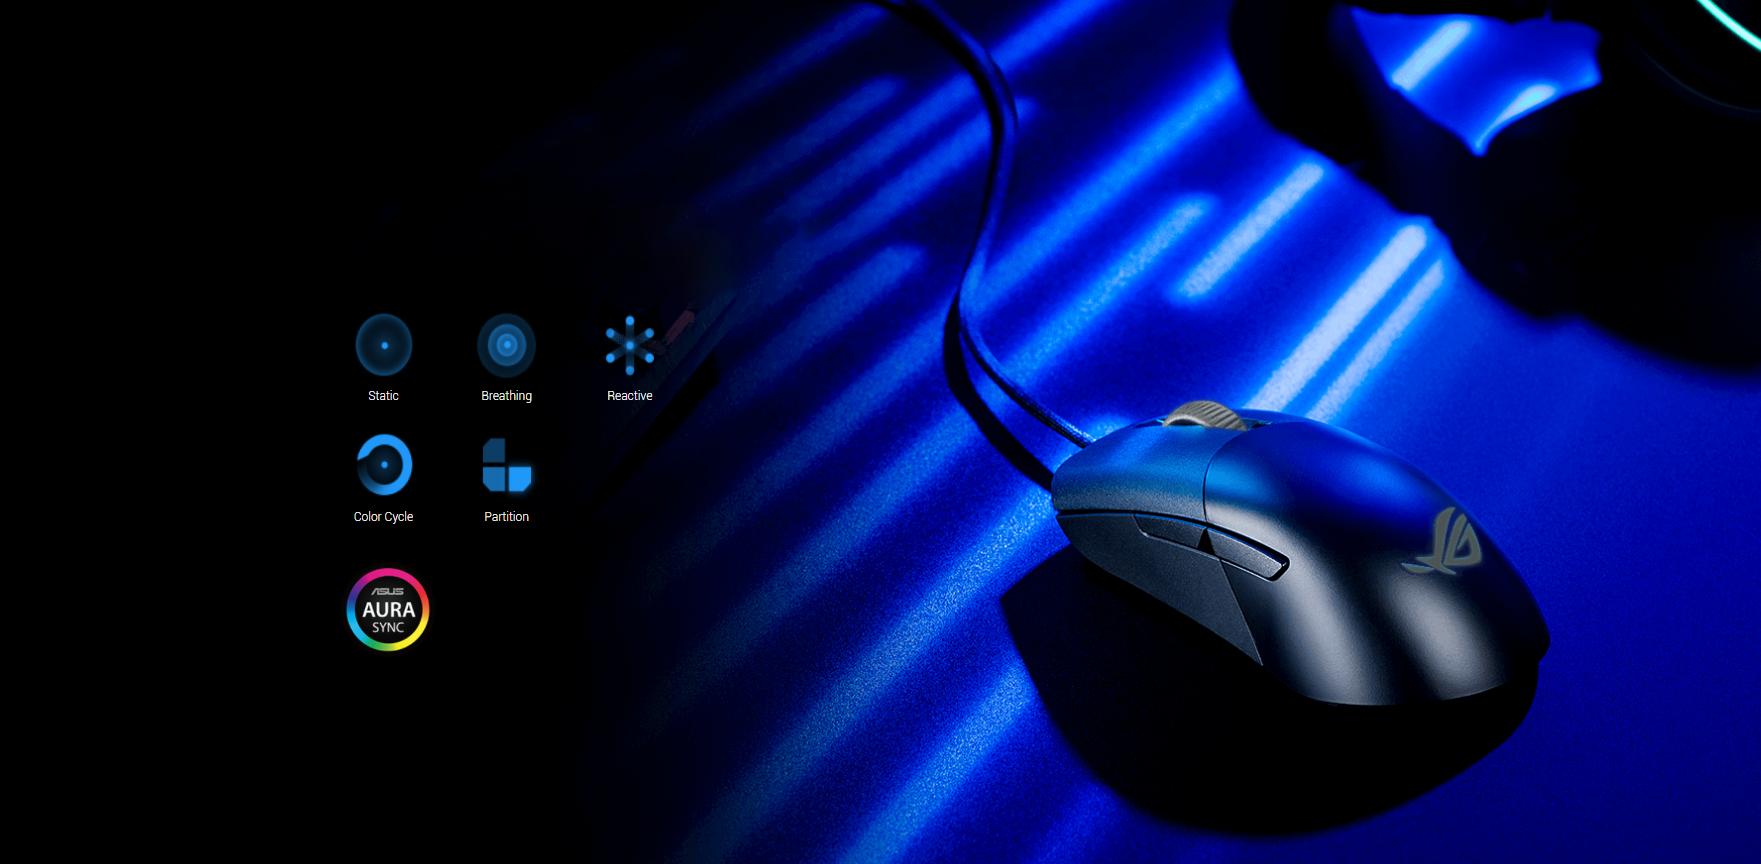 Chuột Asus ROG Keris (USB/RGB/màu đen) có thể tuỳ chỉnh thông qua phần mềm